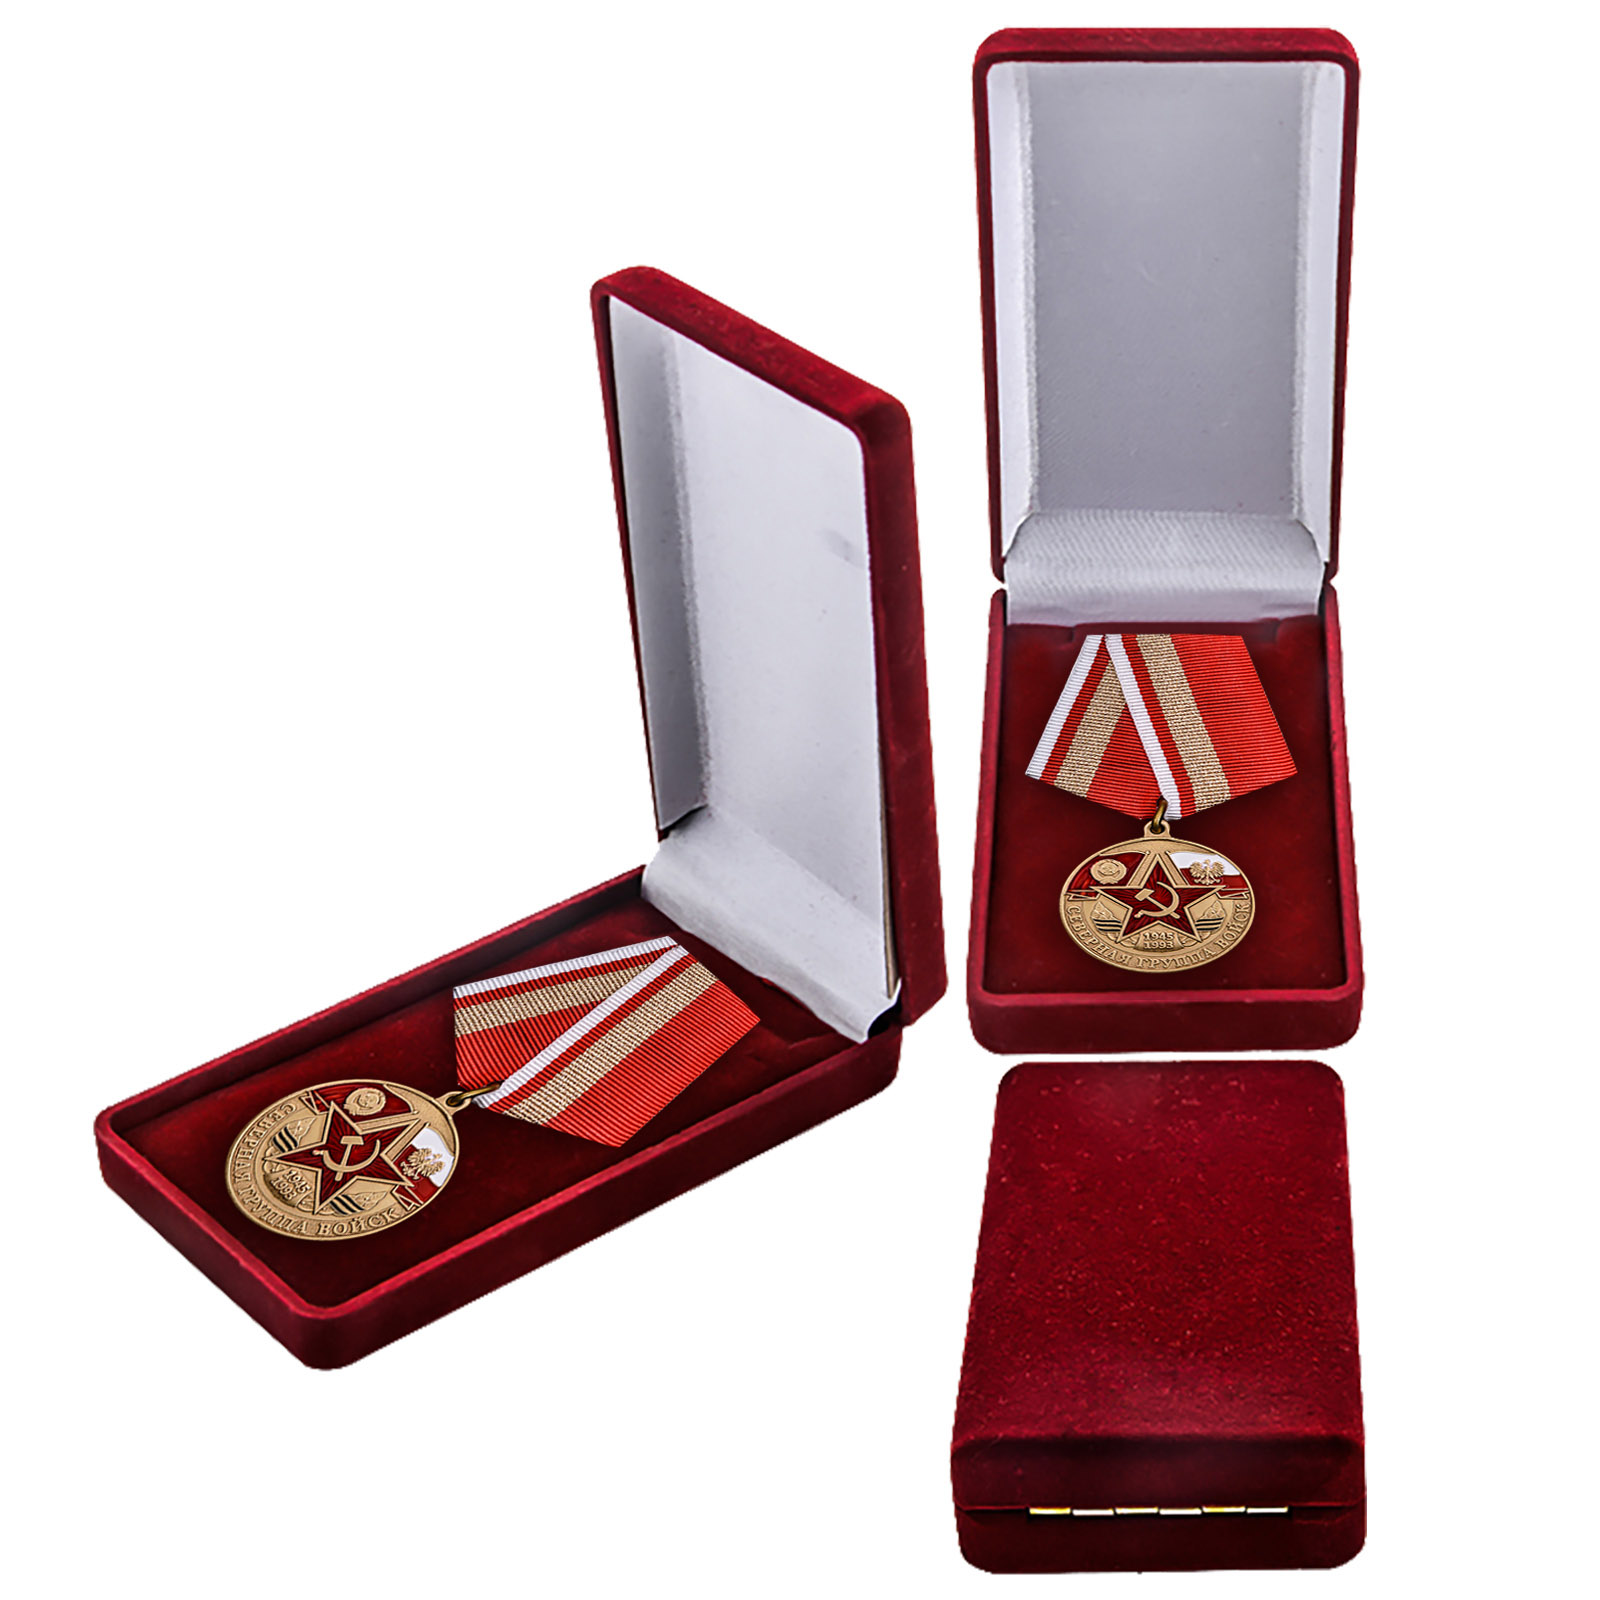 Медаль СГВ - памятная награда ветеранам